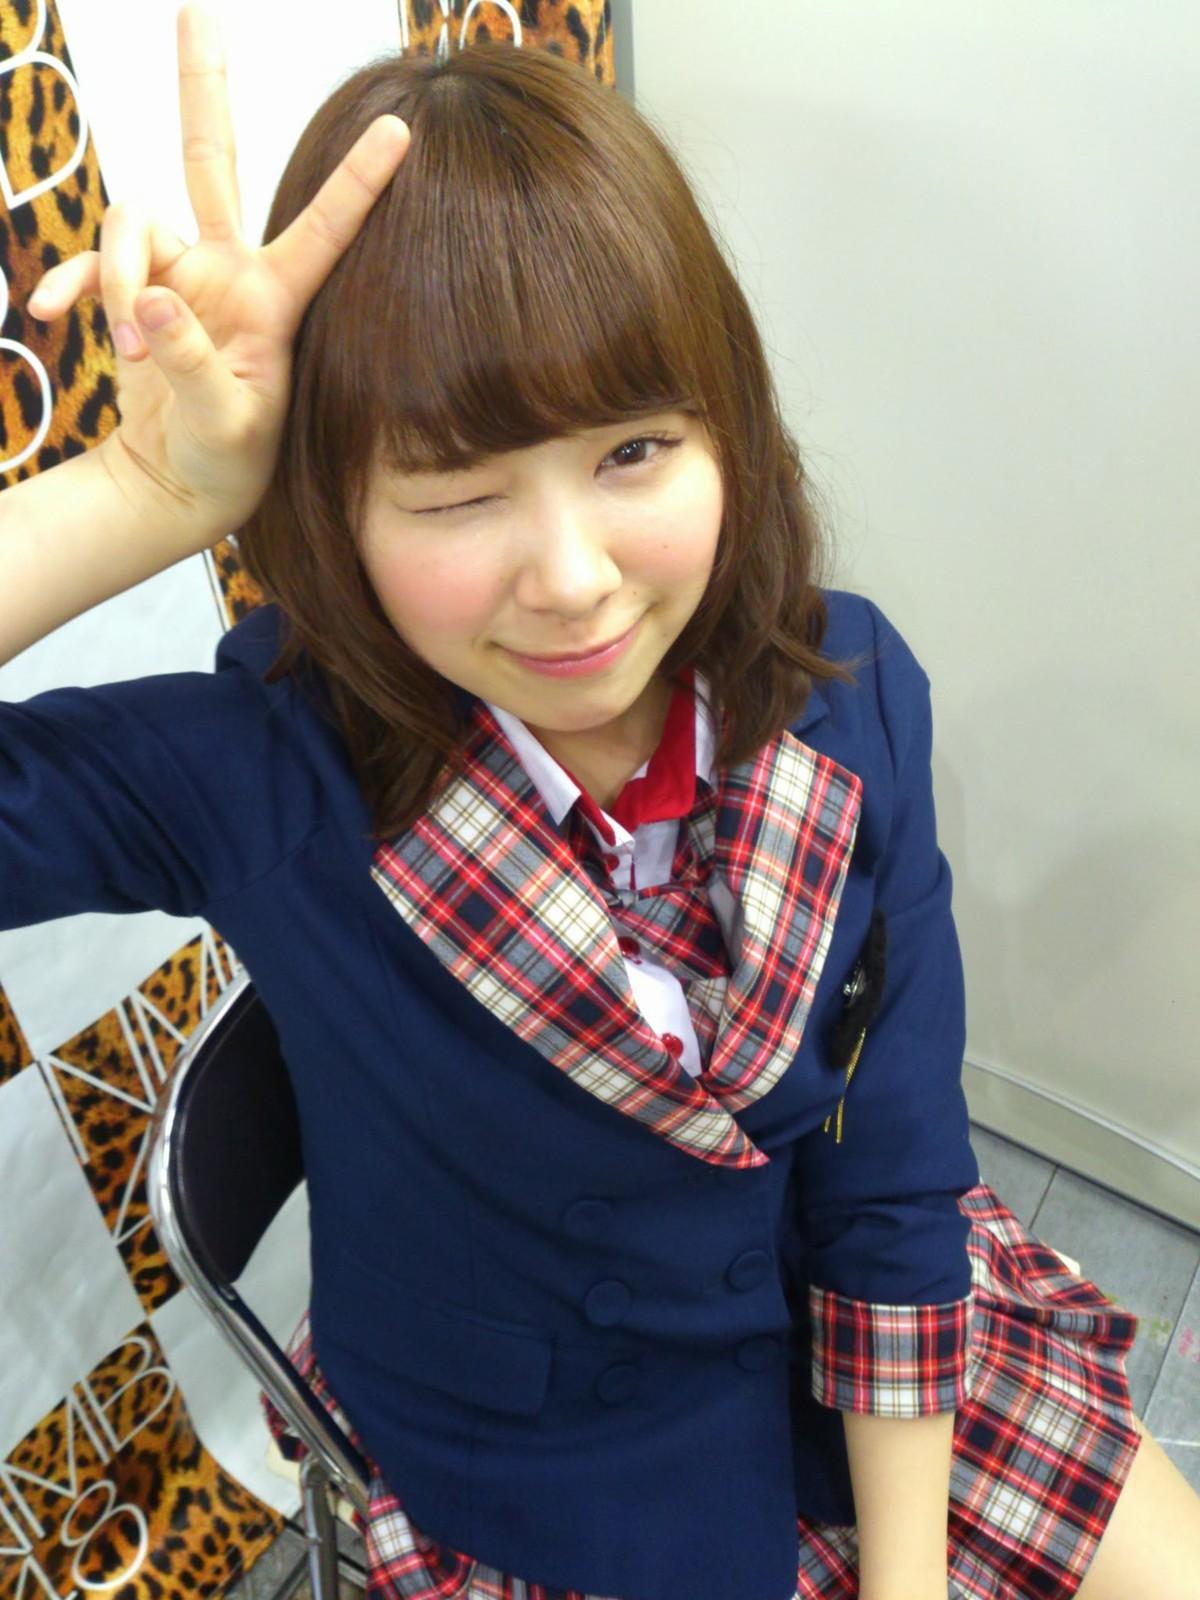 NMB48の小笠原茉由